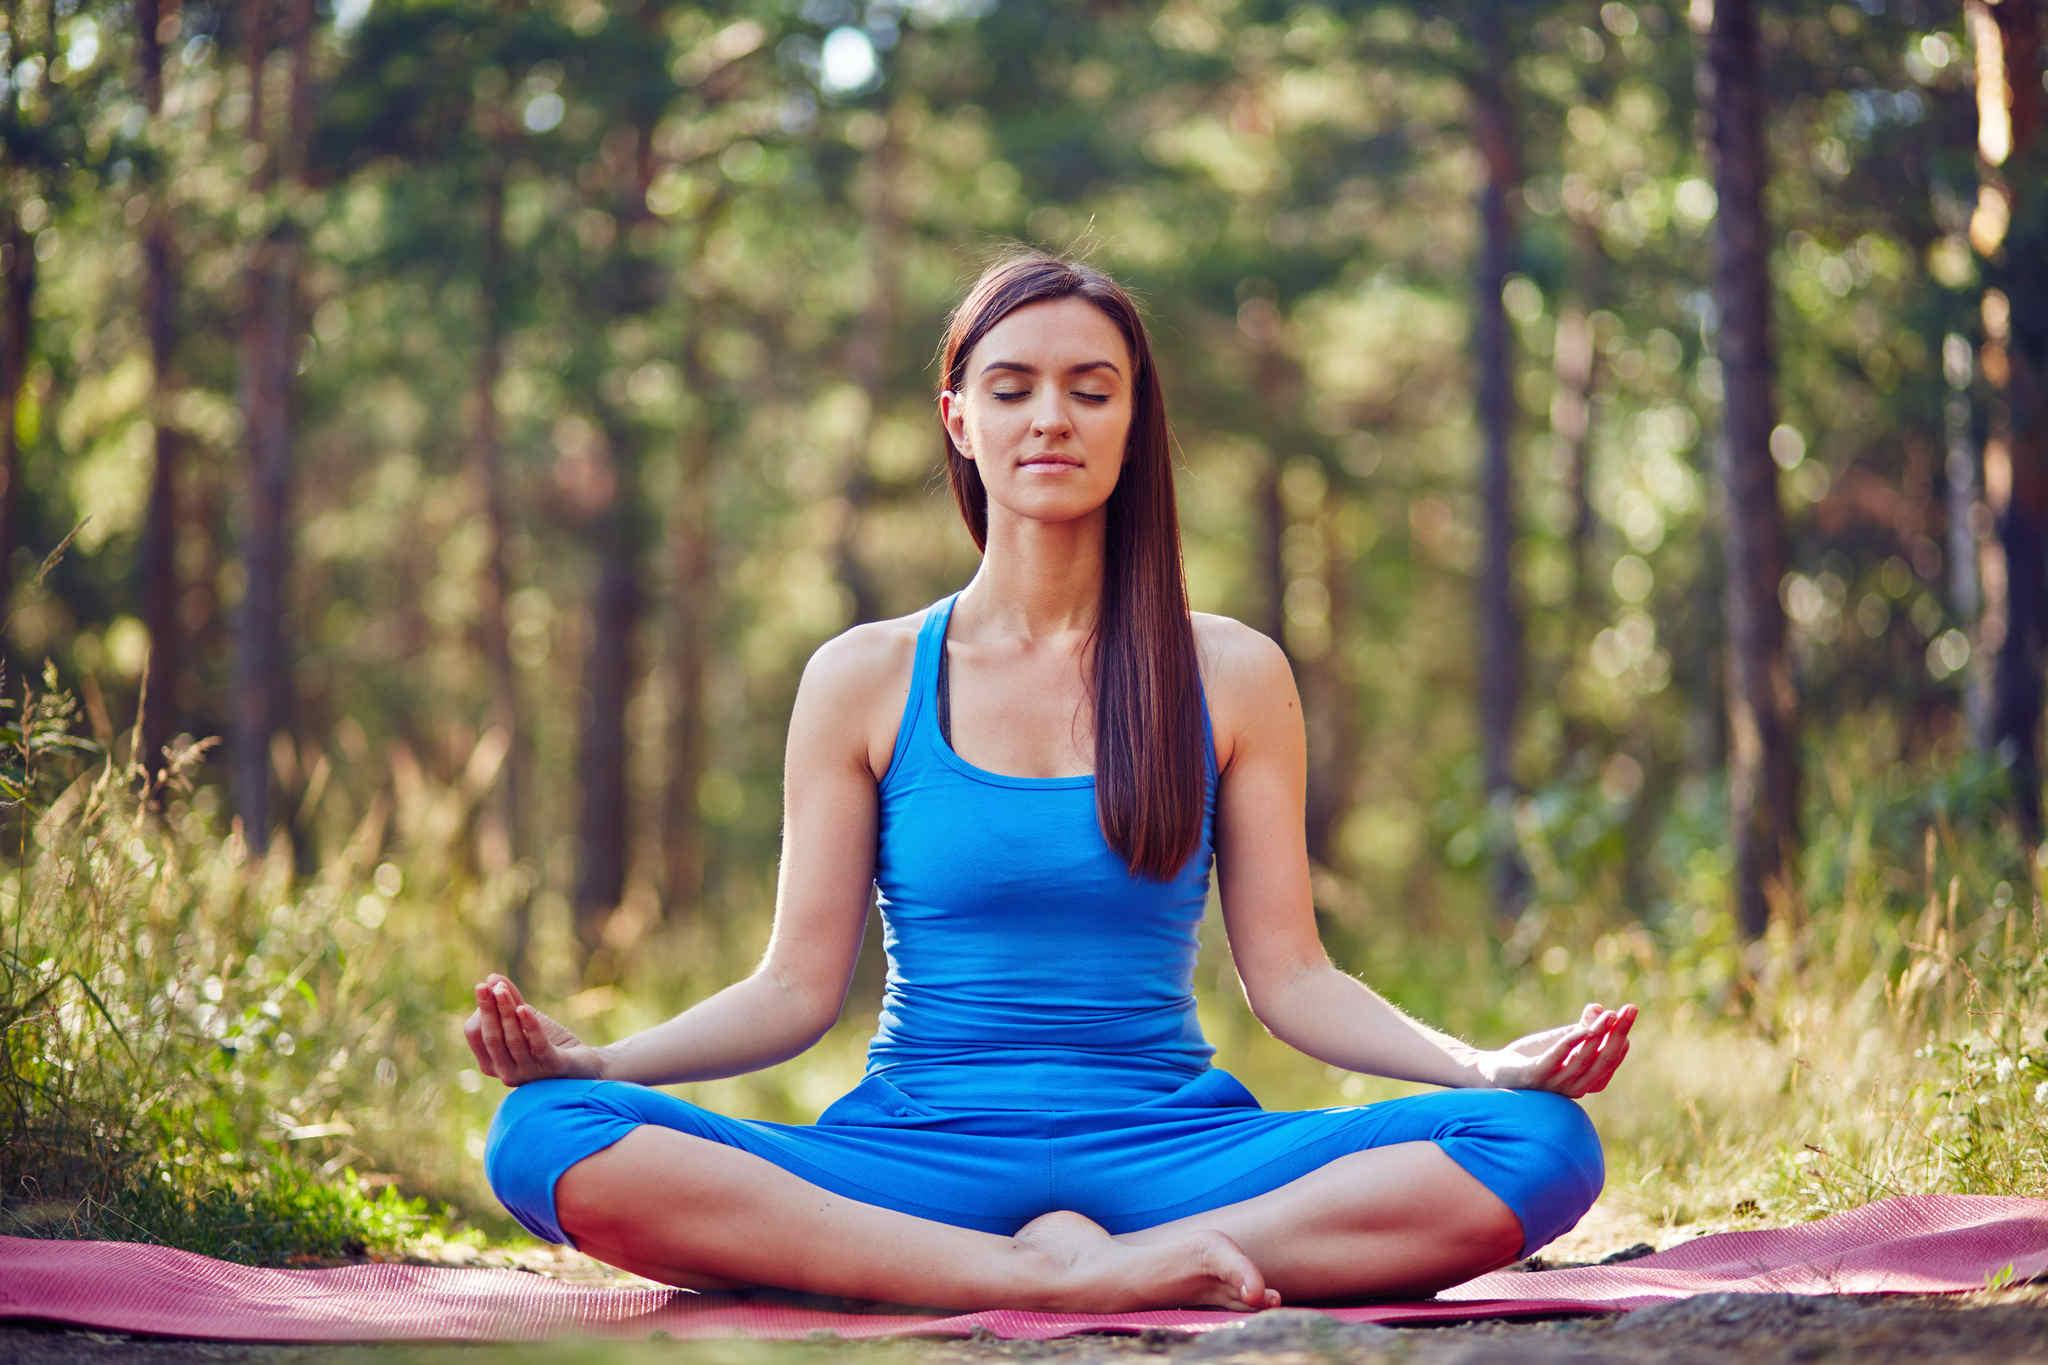 yoganın yapan kadın, yoganın faydaları